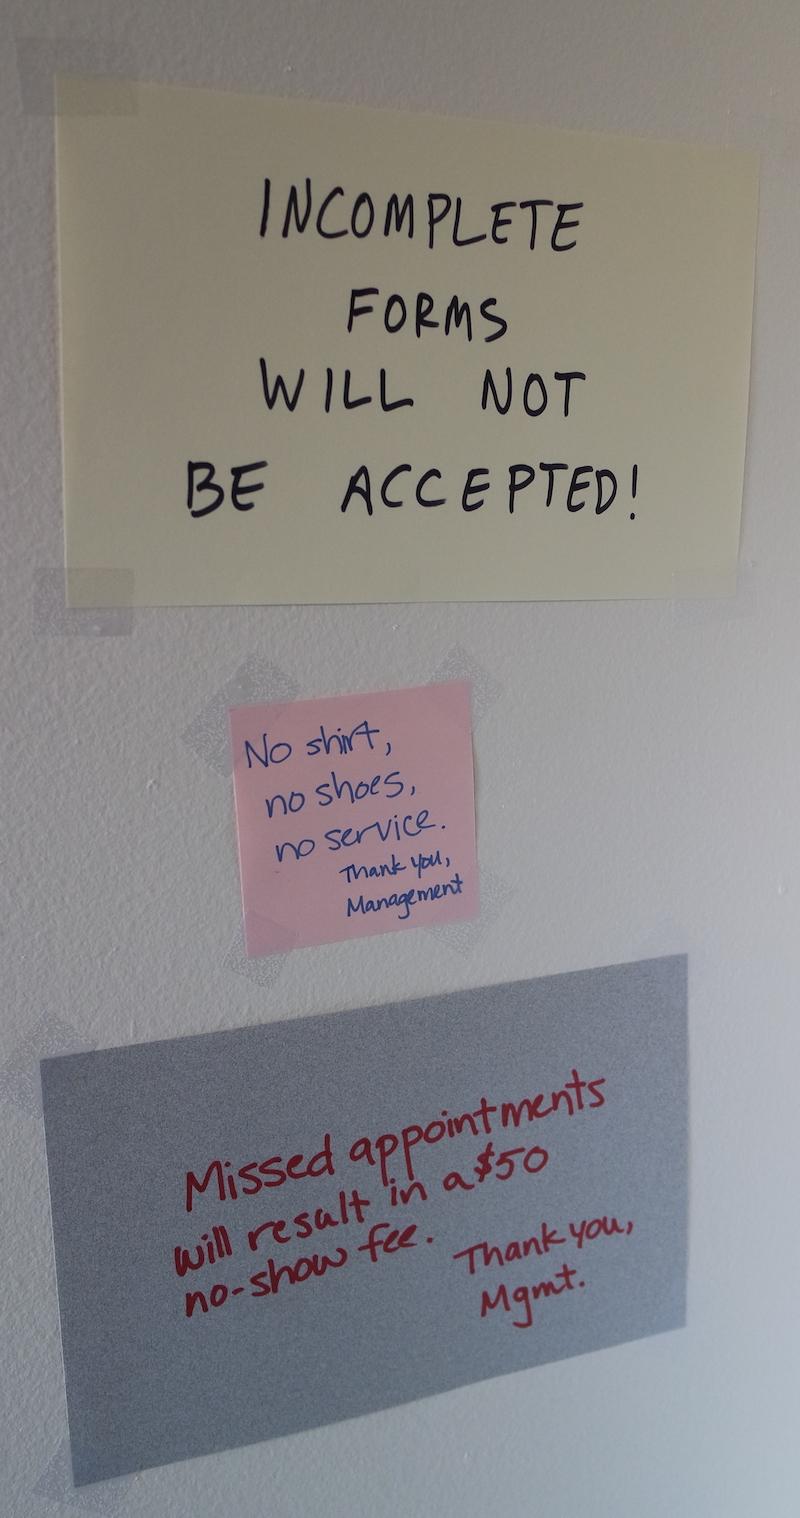 Notes ho the wall read: